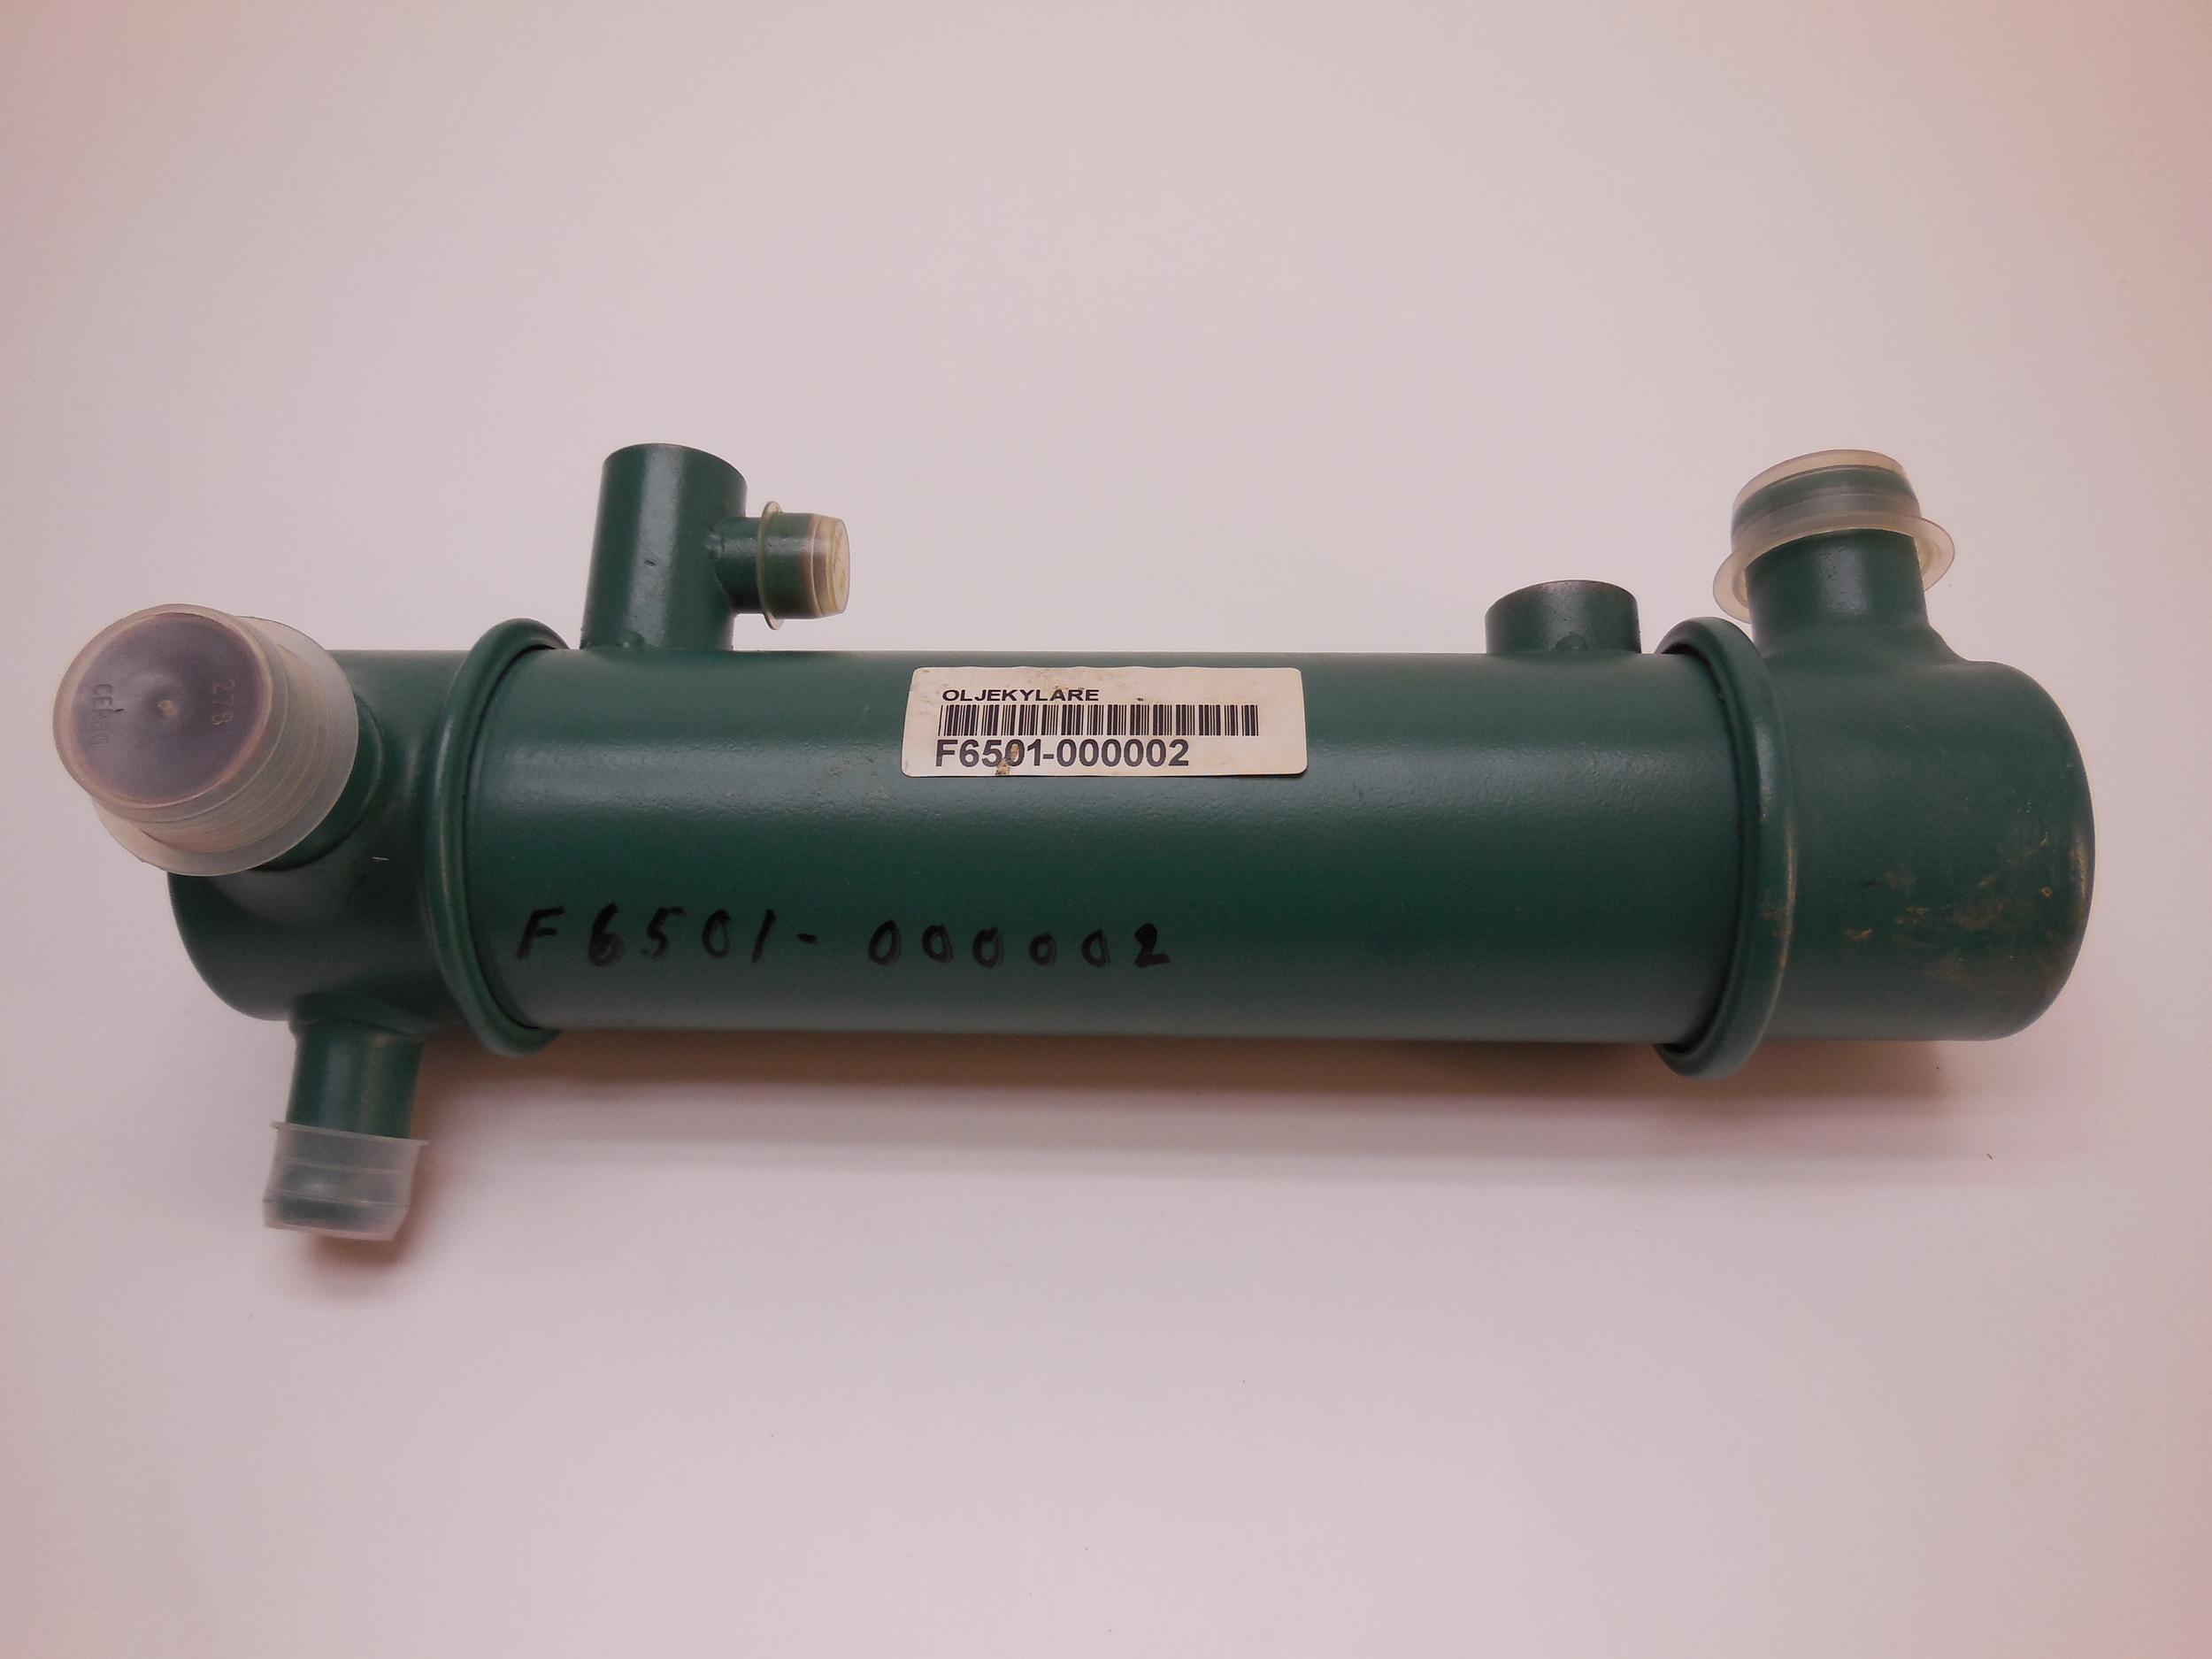 Oil Cooler Häggo Nr: 353 6186-801 price: 8390 sek